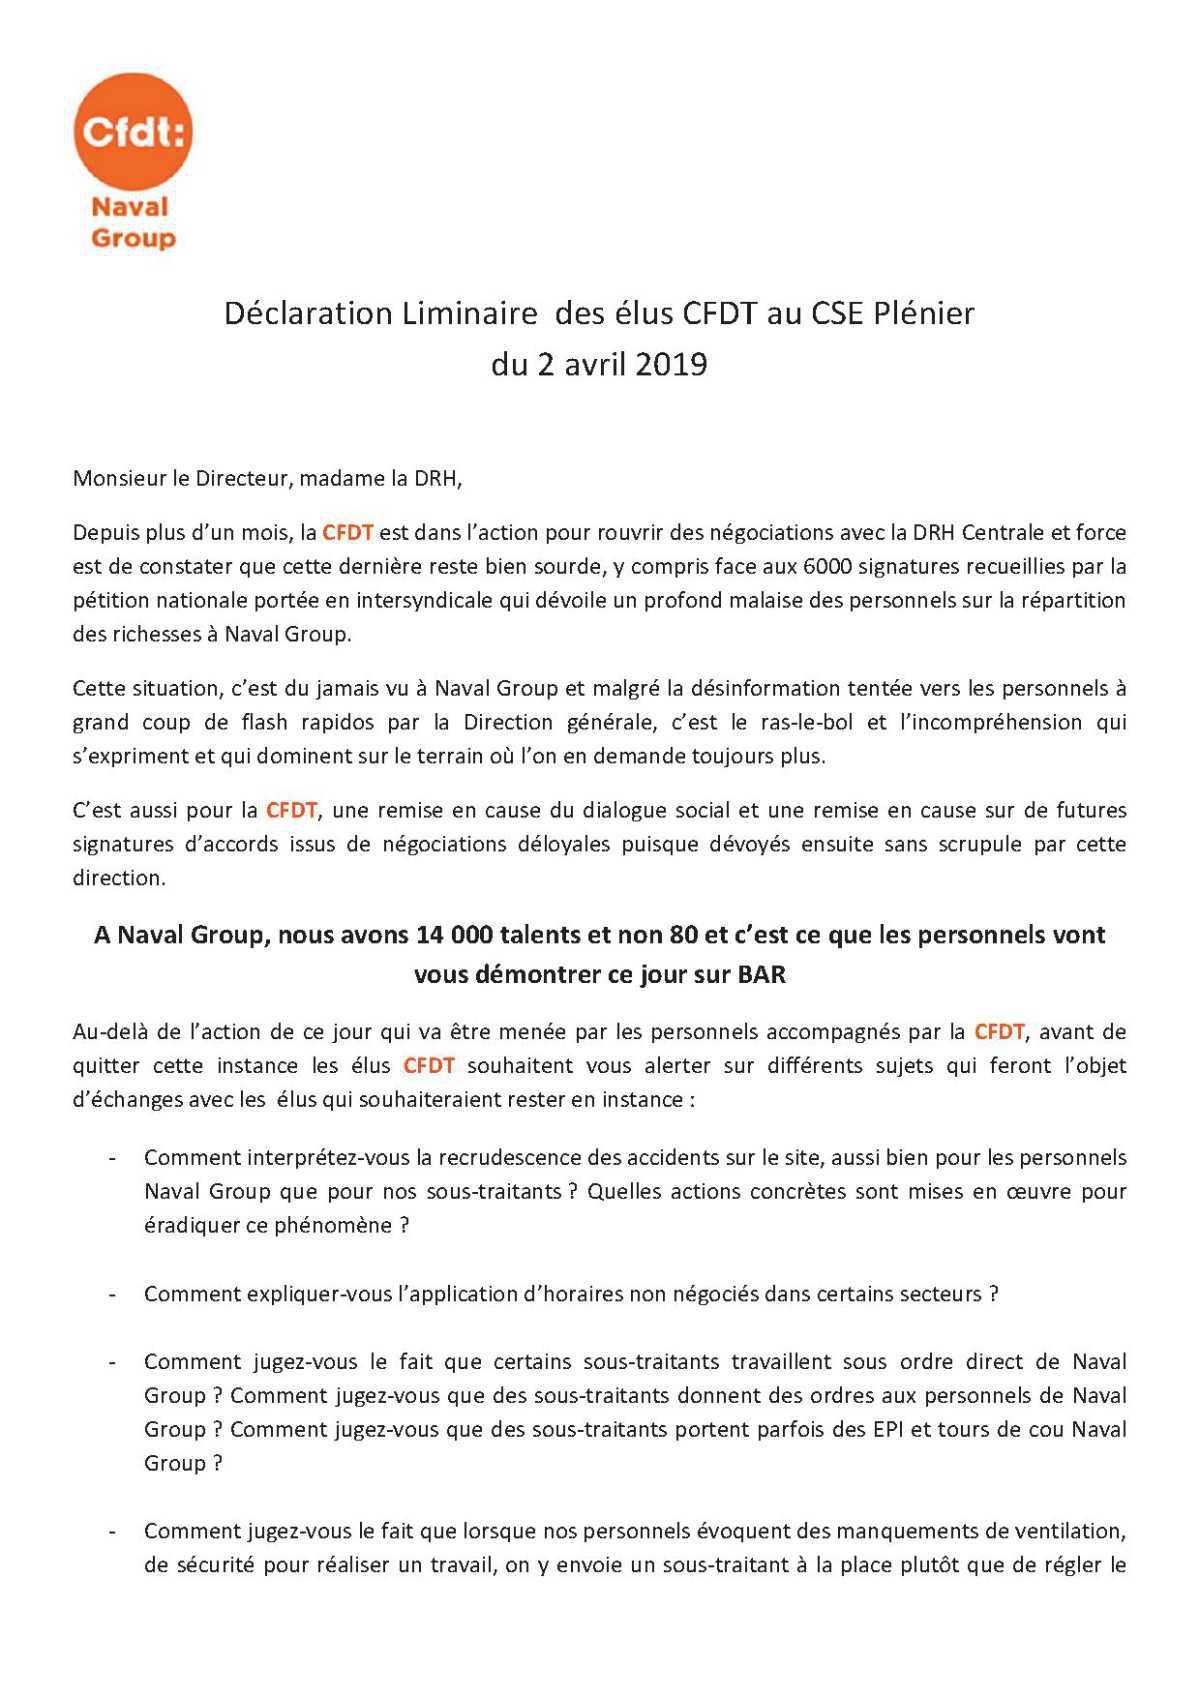 Déclaration liminaire du CSE plénier du 2 avril 2019